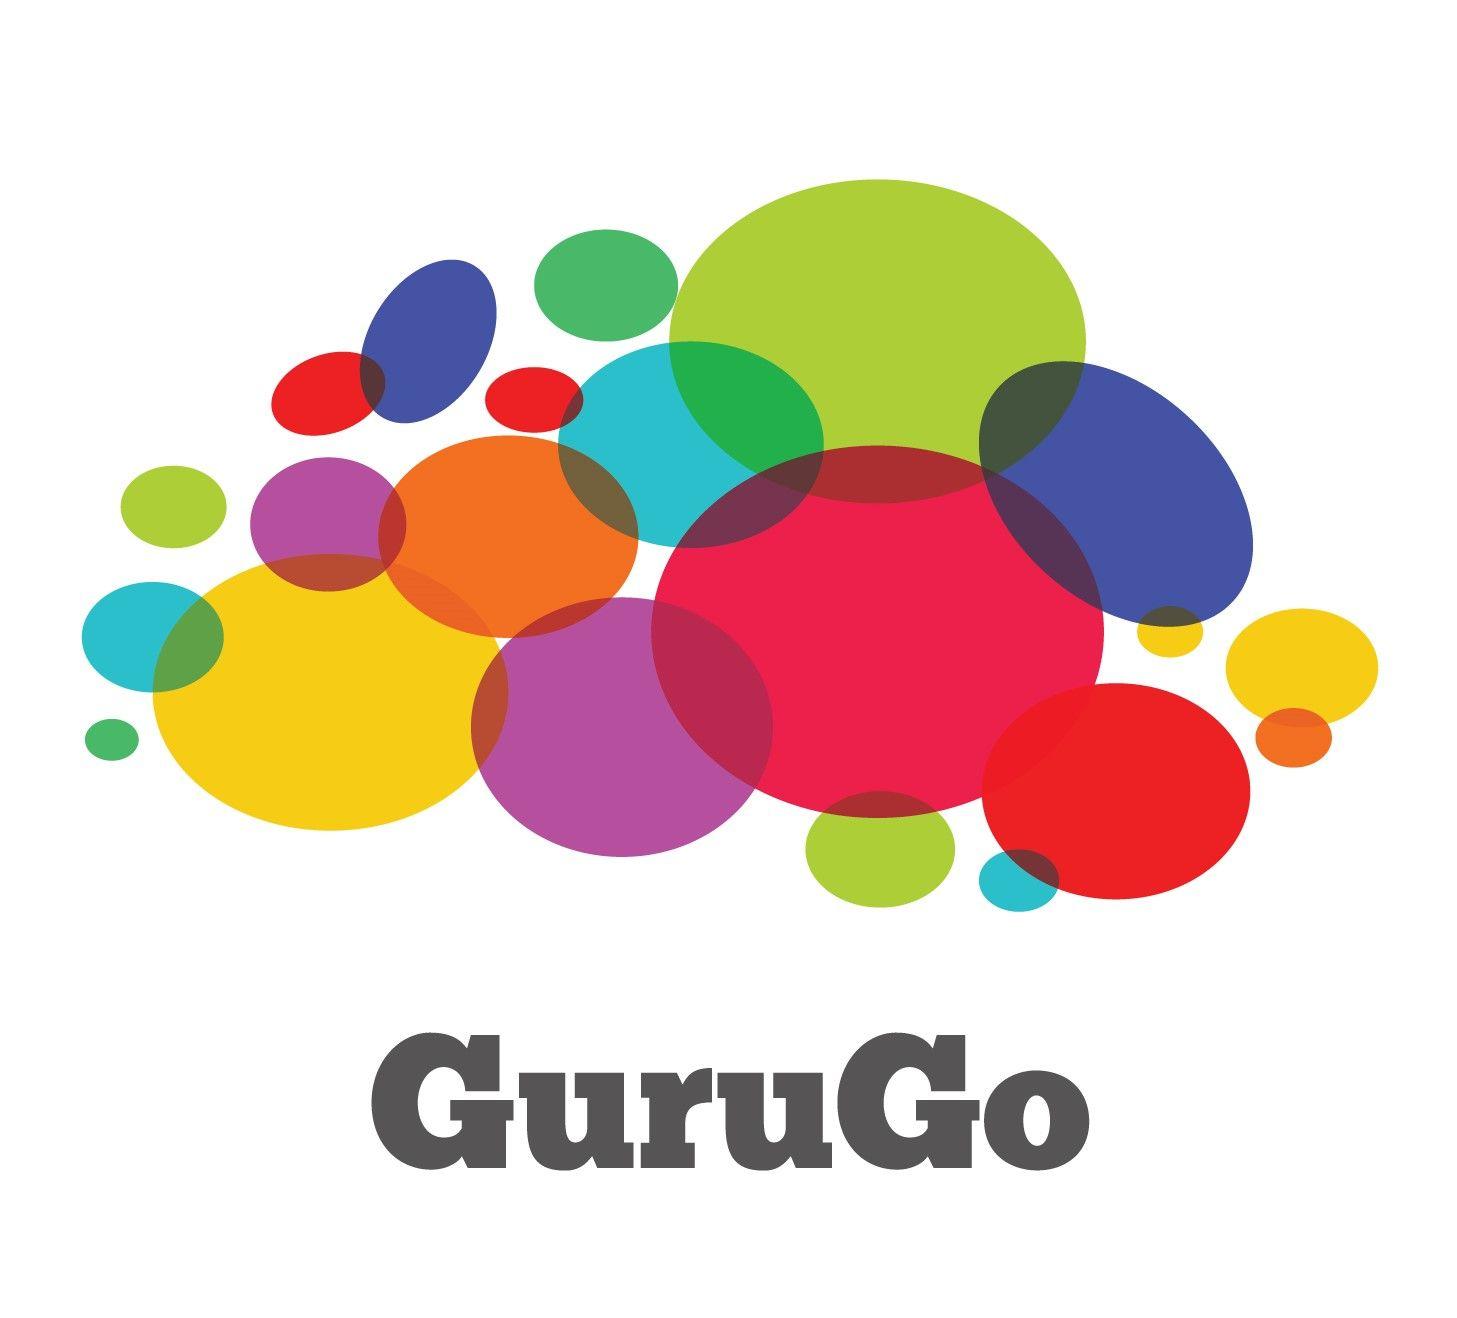 GuruGo Logo